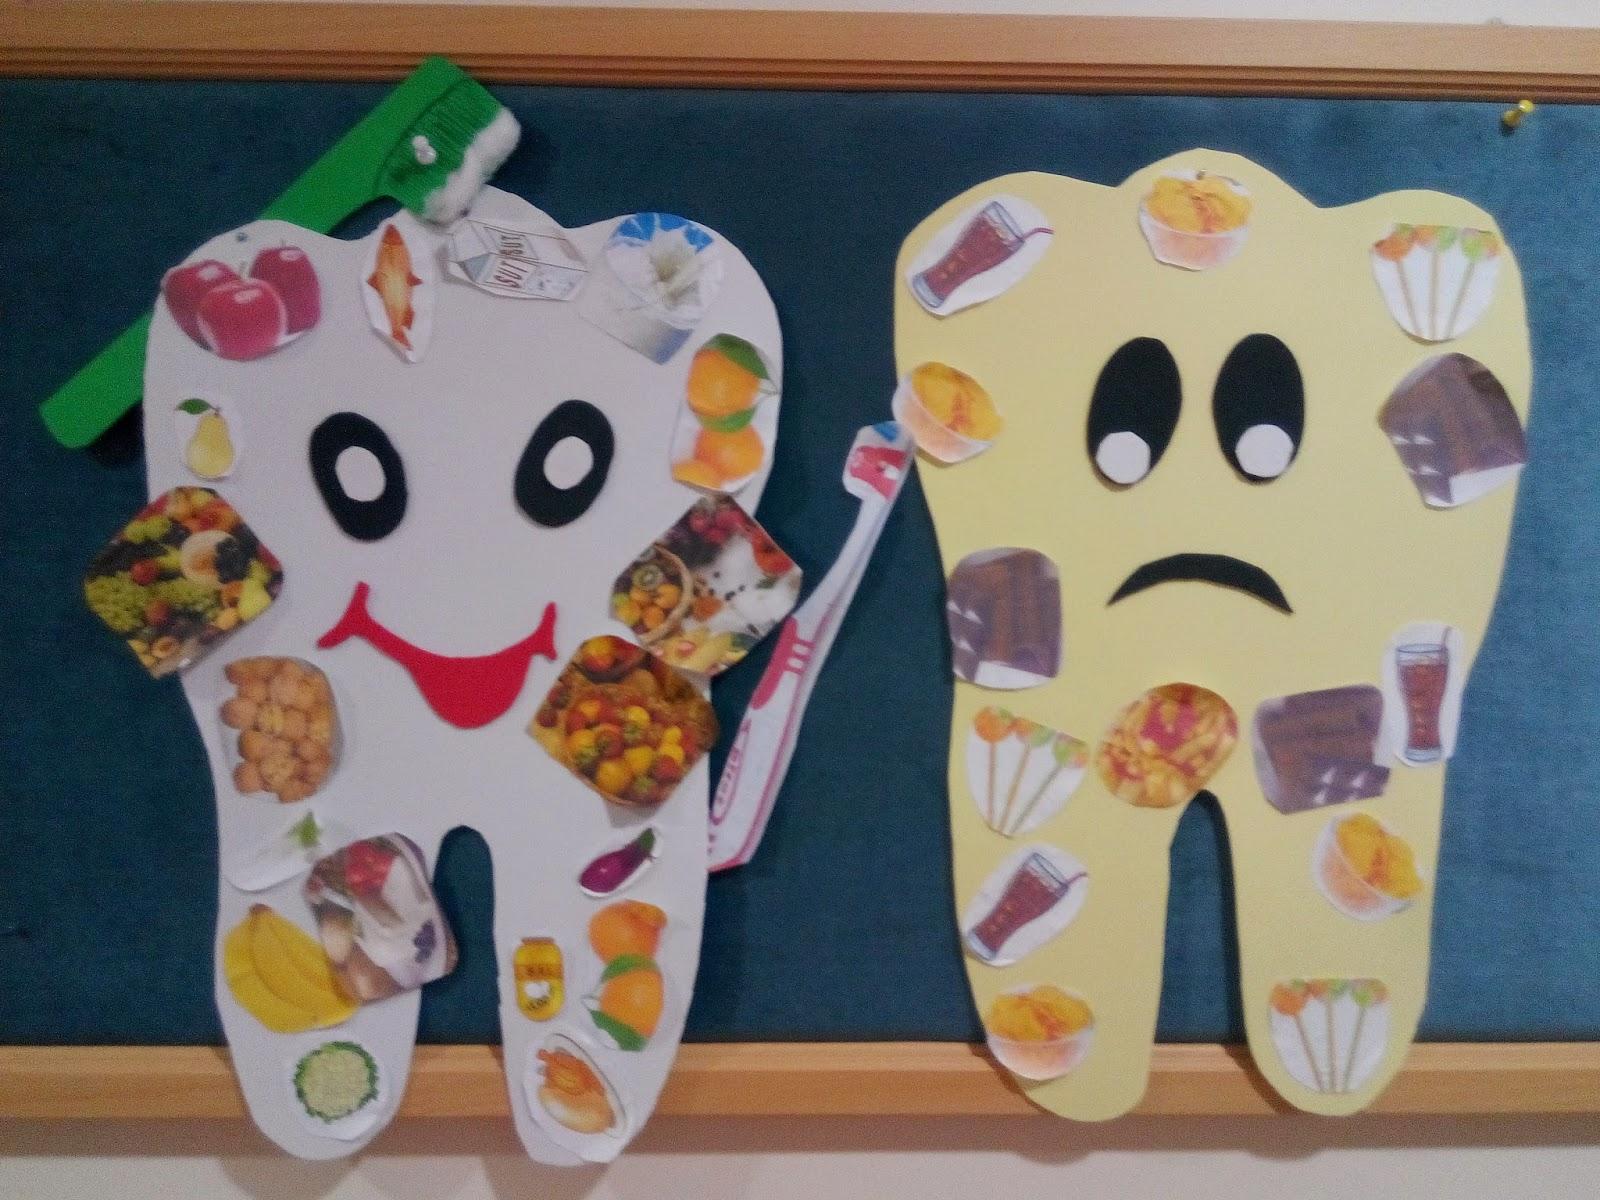 Dental And Tooth Theme And Activities For Preschool Kindergarten 3 Preschool And Homeschool